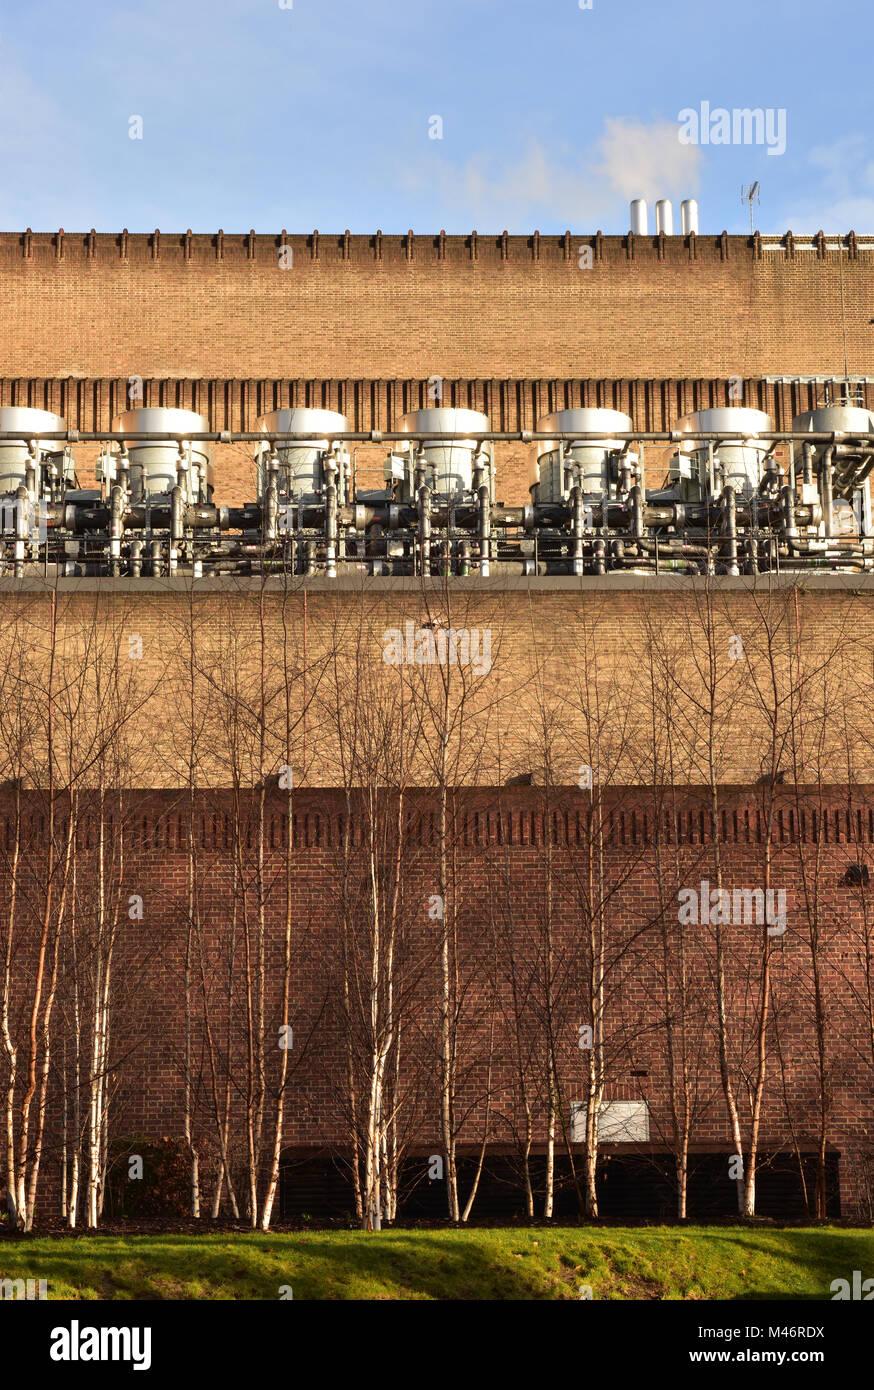 Los equipos eléctricos o generadores para unidades de aire acondicionado en una línea pon el exterior de un gran edificio de ladrillo en el centro de Londres. Industrial. Foto de stock